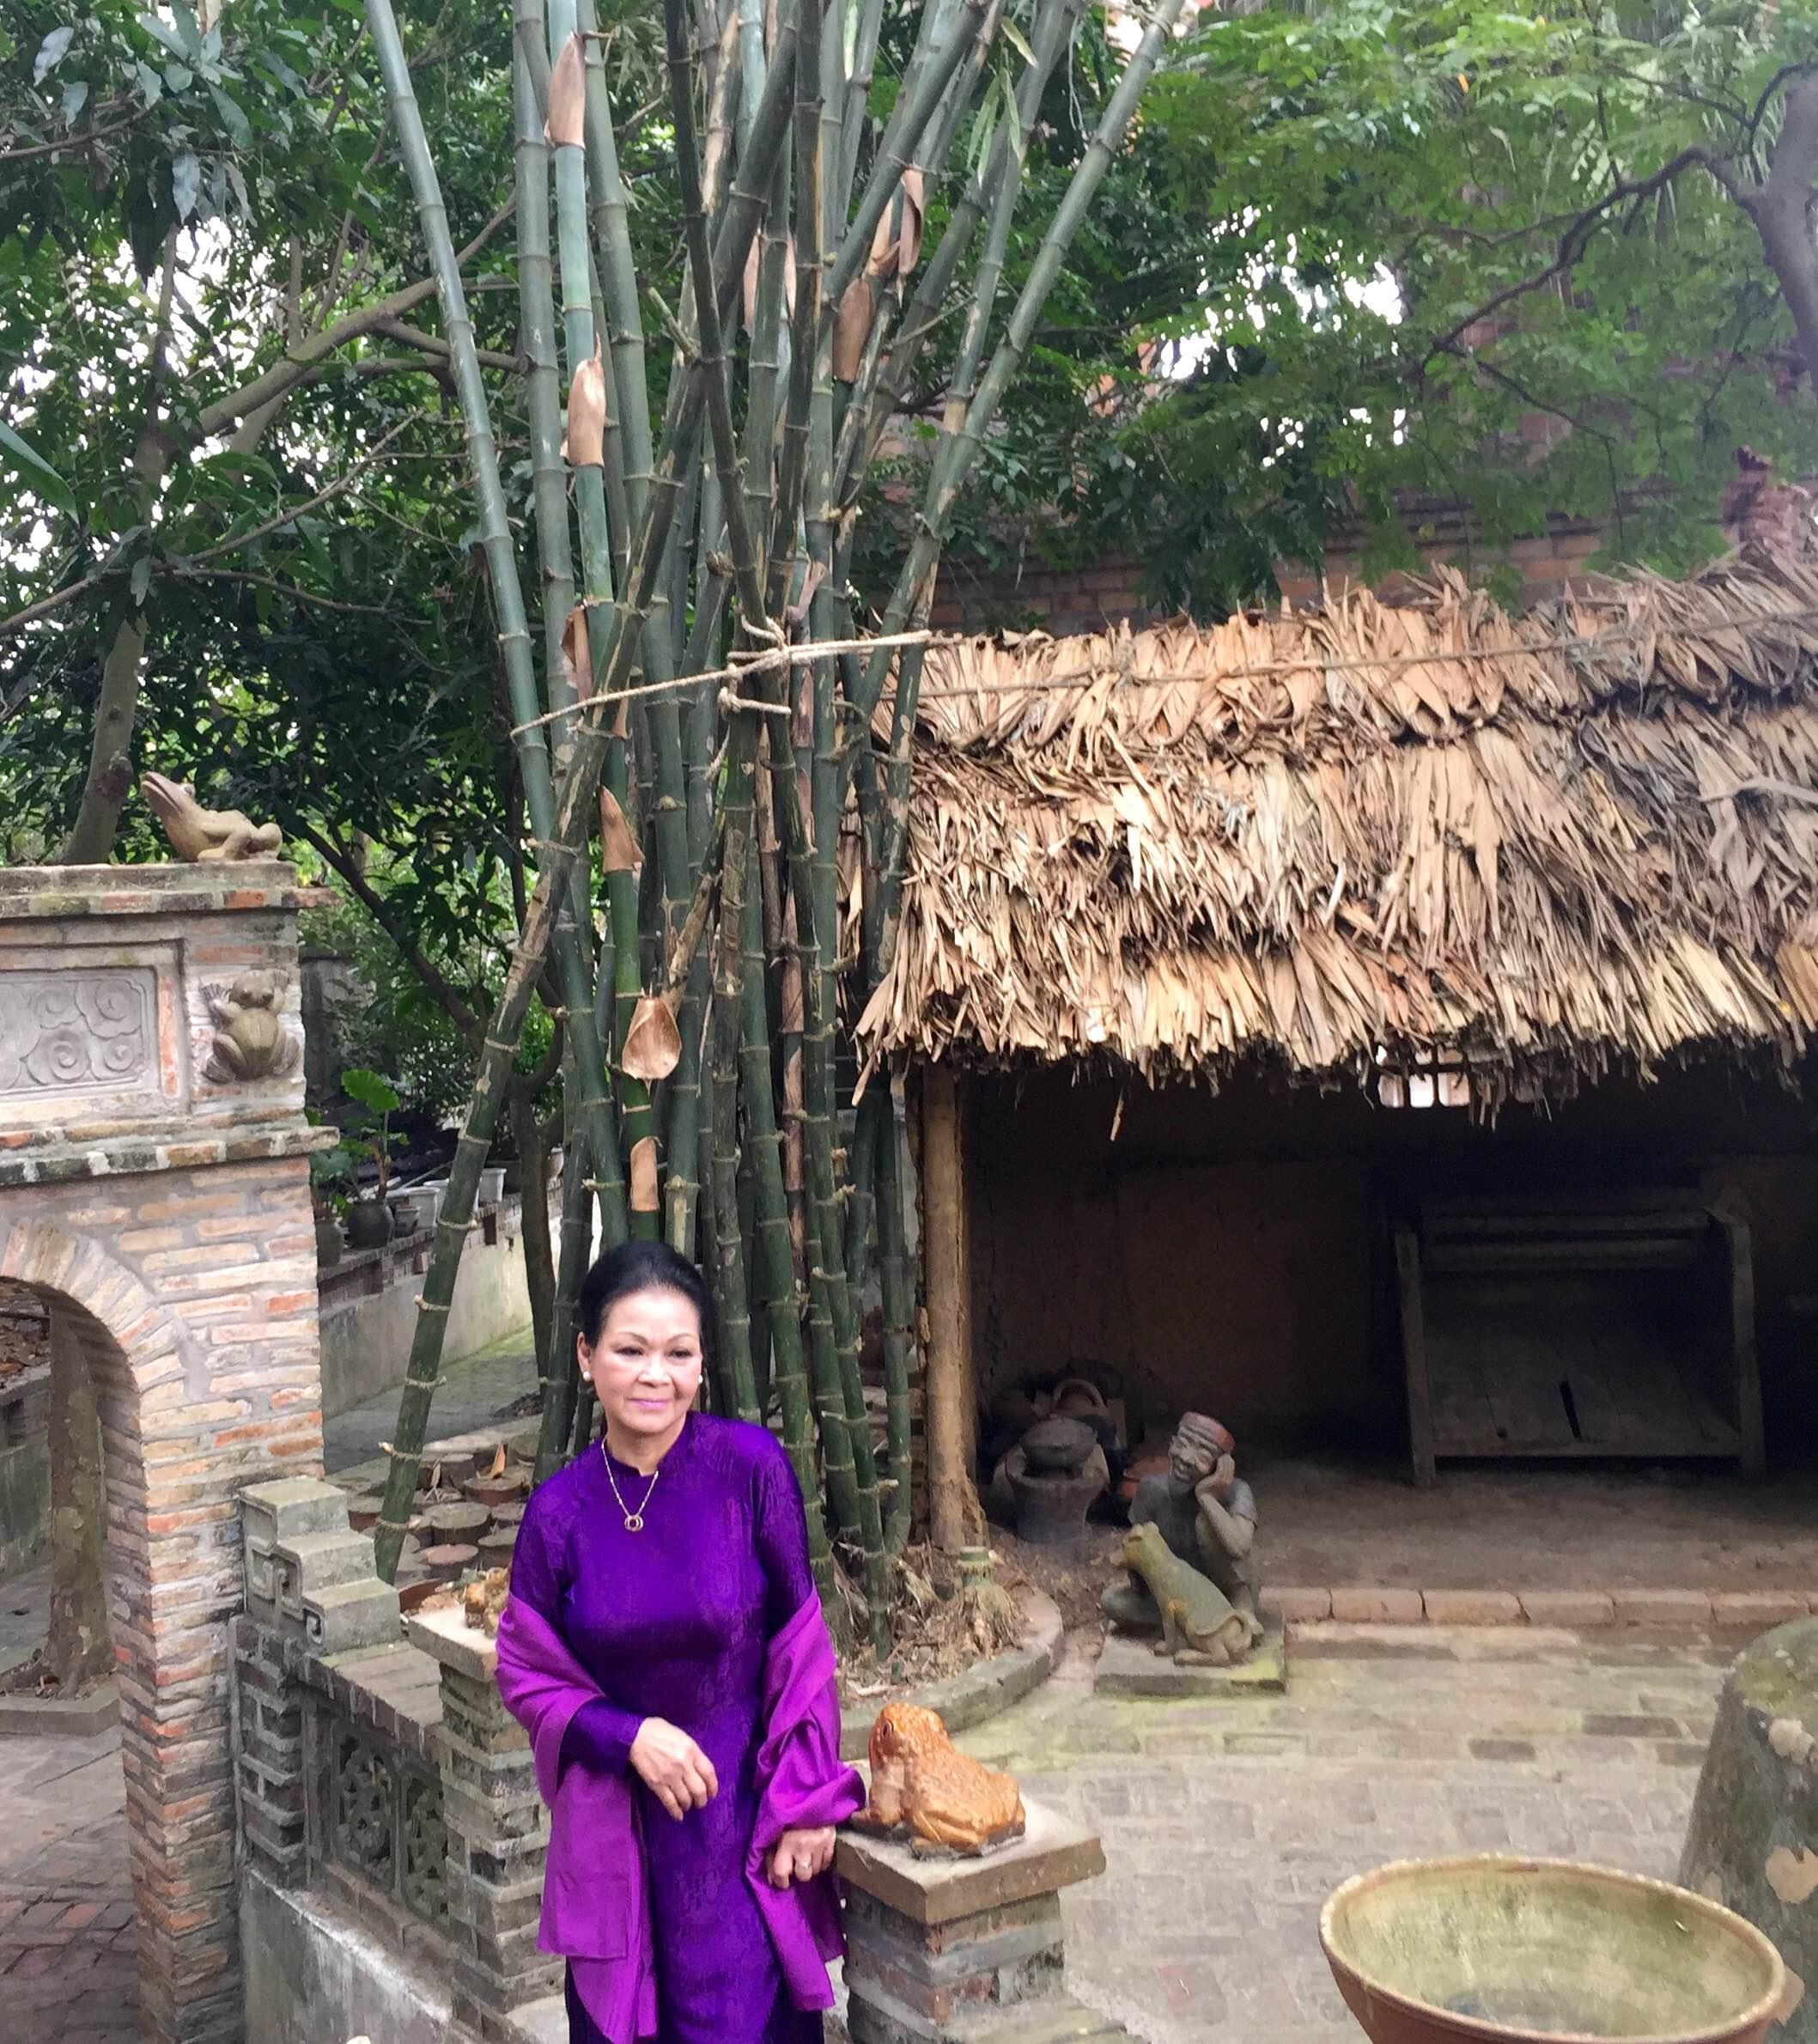 Nữ hoàng nhạc Trịnh rất thích khi được thả hồn trong không gian đậm hồn quê Việt.